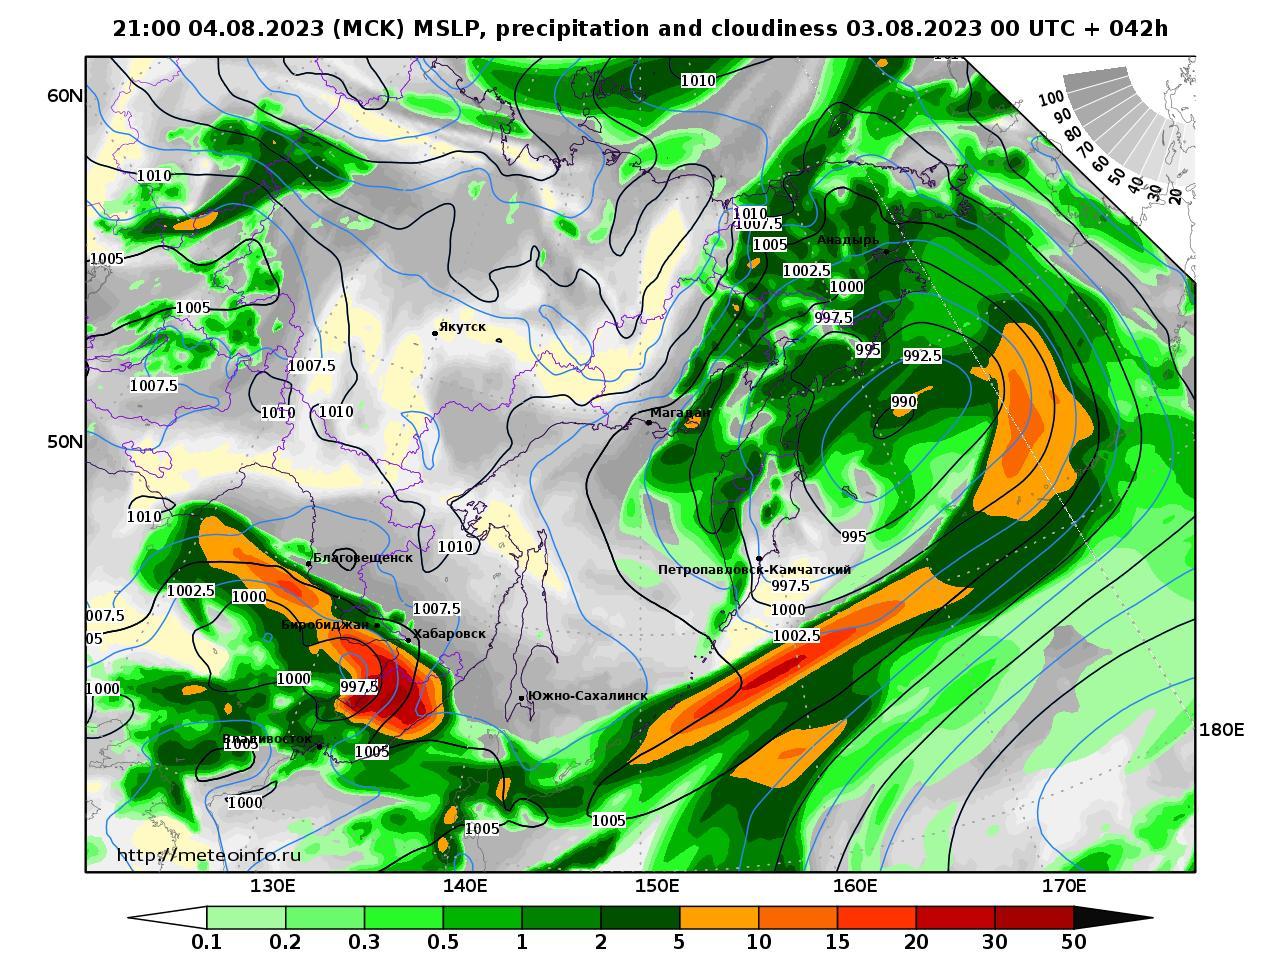 Дальний Восток, прогностическая карта осадки и давление, заблаговременность прогноза 42 часа